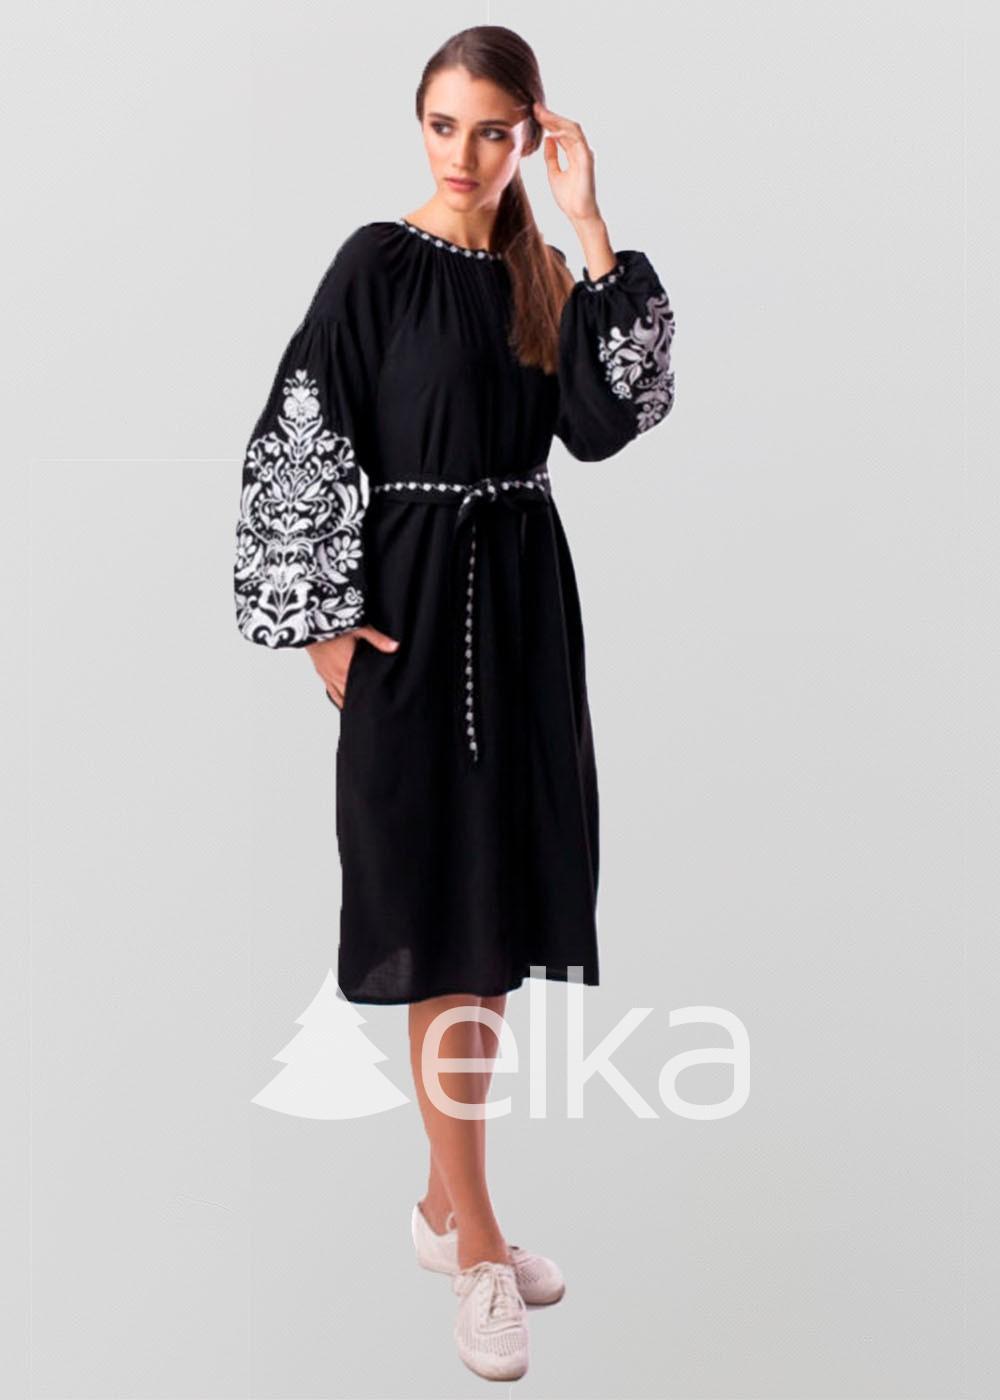 Платье вышиванка черное Дерево жизни